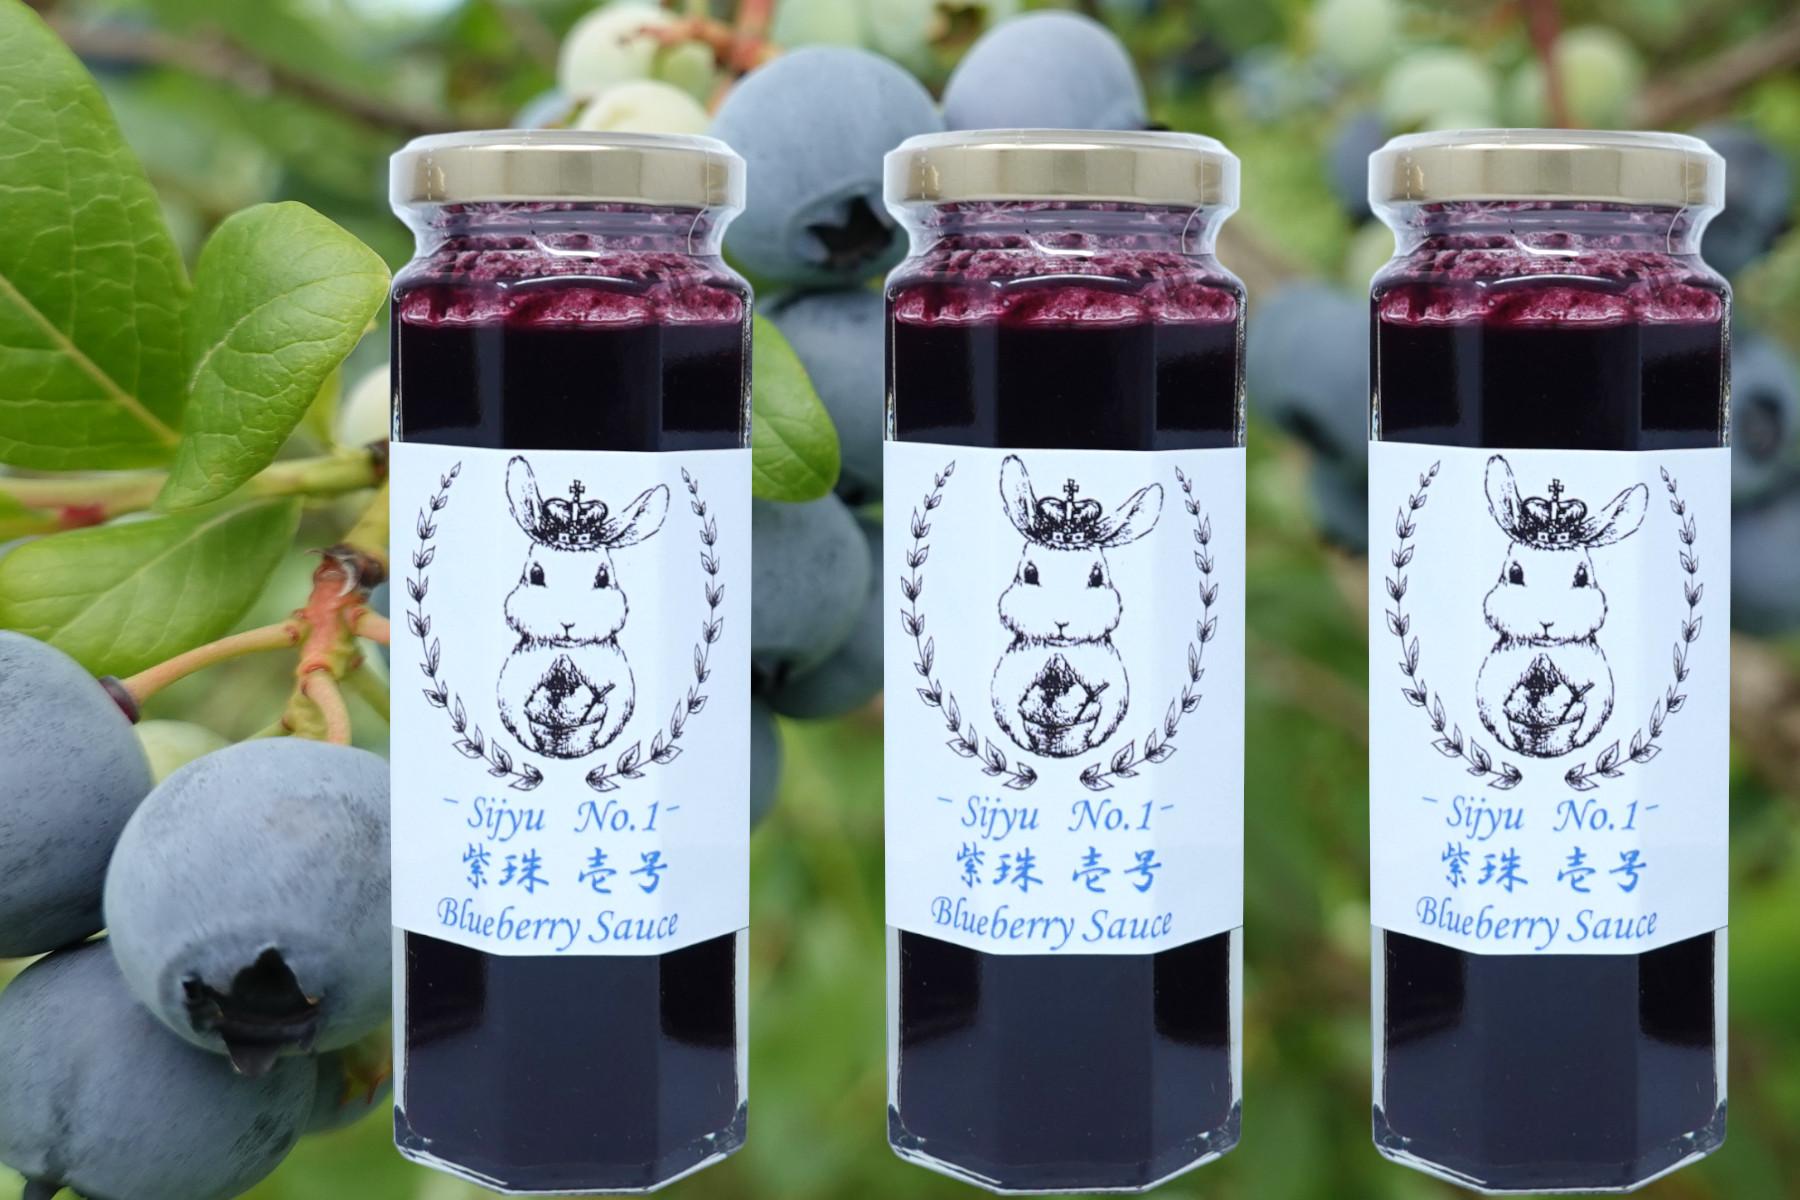 ブルーベリーソース『紫珠 -sijyu- 壱号』(北海道仁木町産)